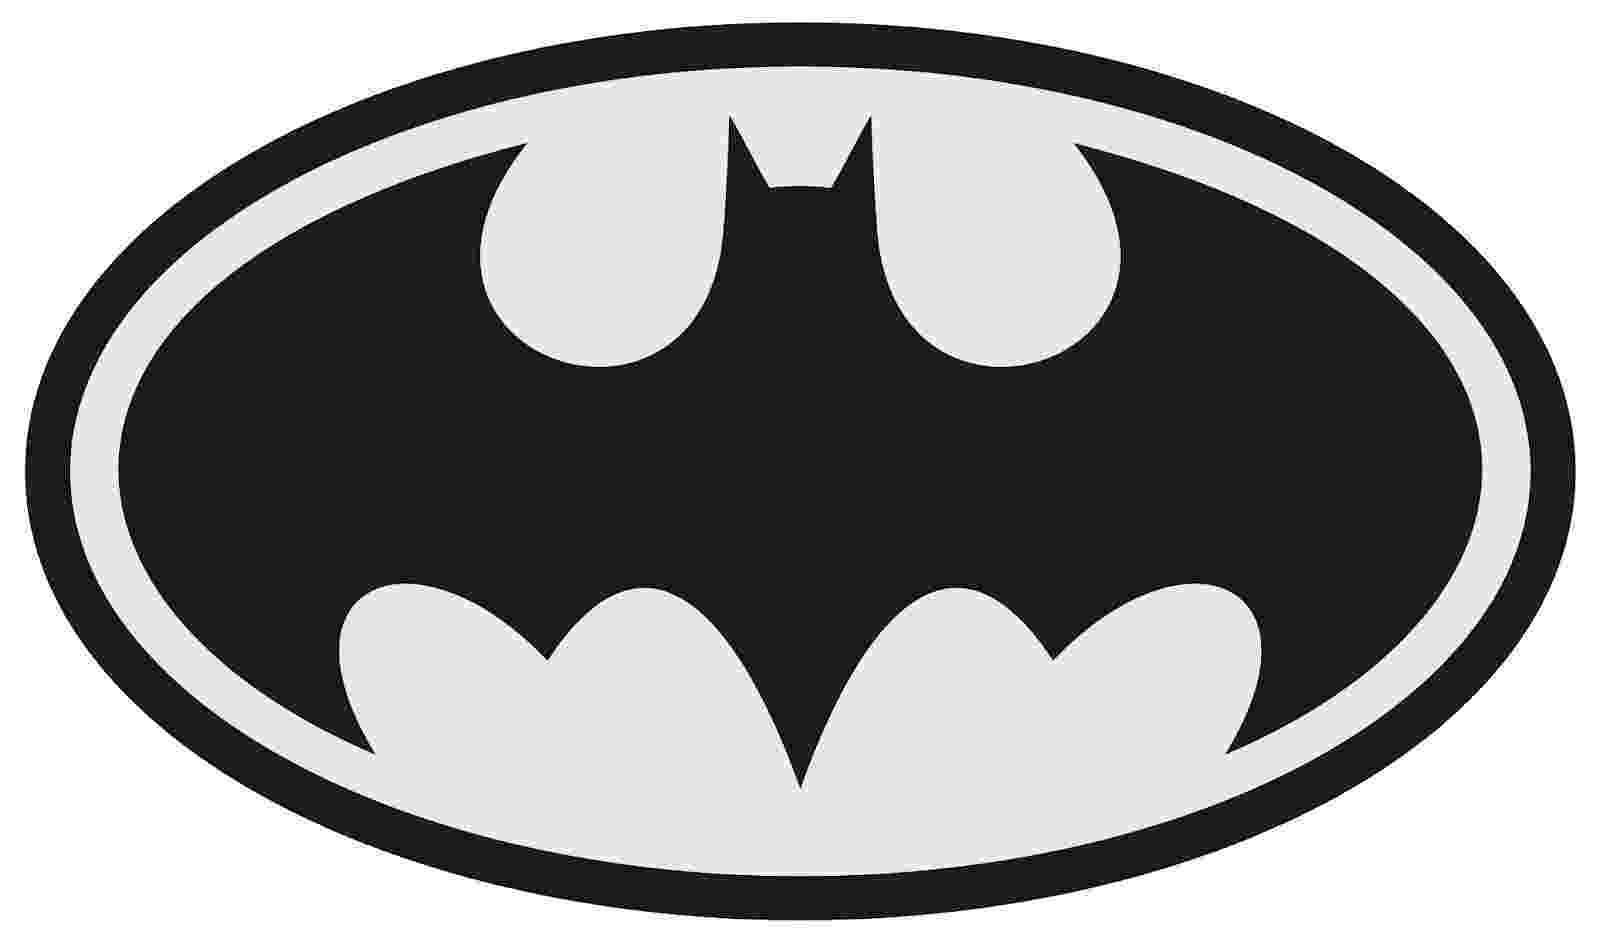 batman emblem printable batman logo printable template free printable papercraft emblem batman printable